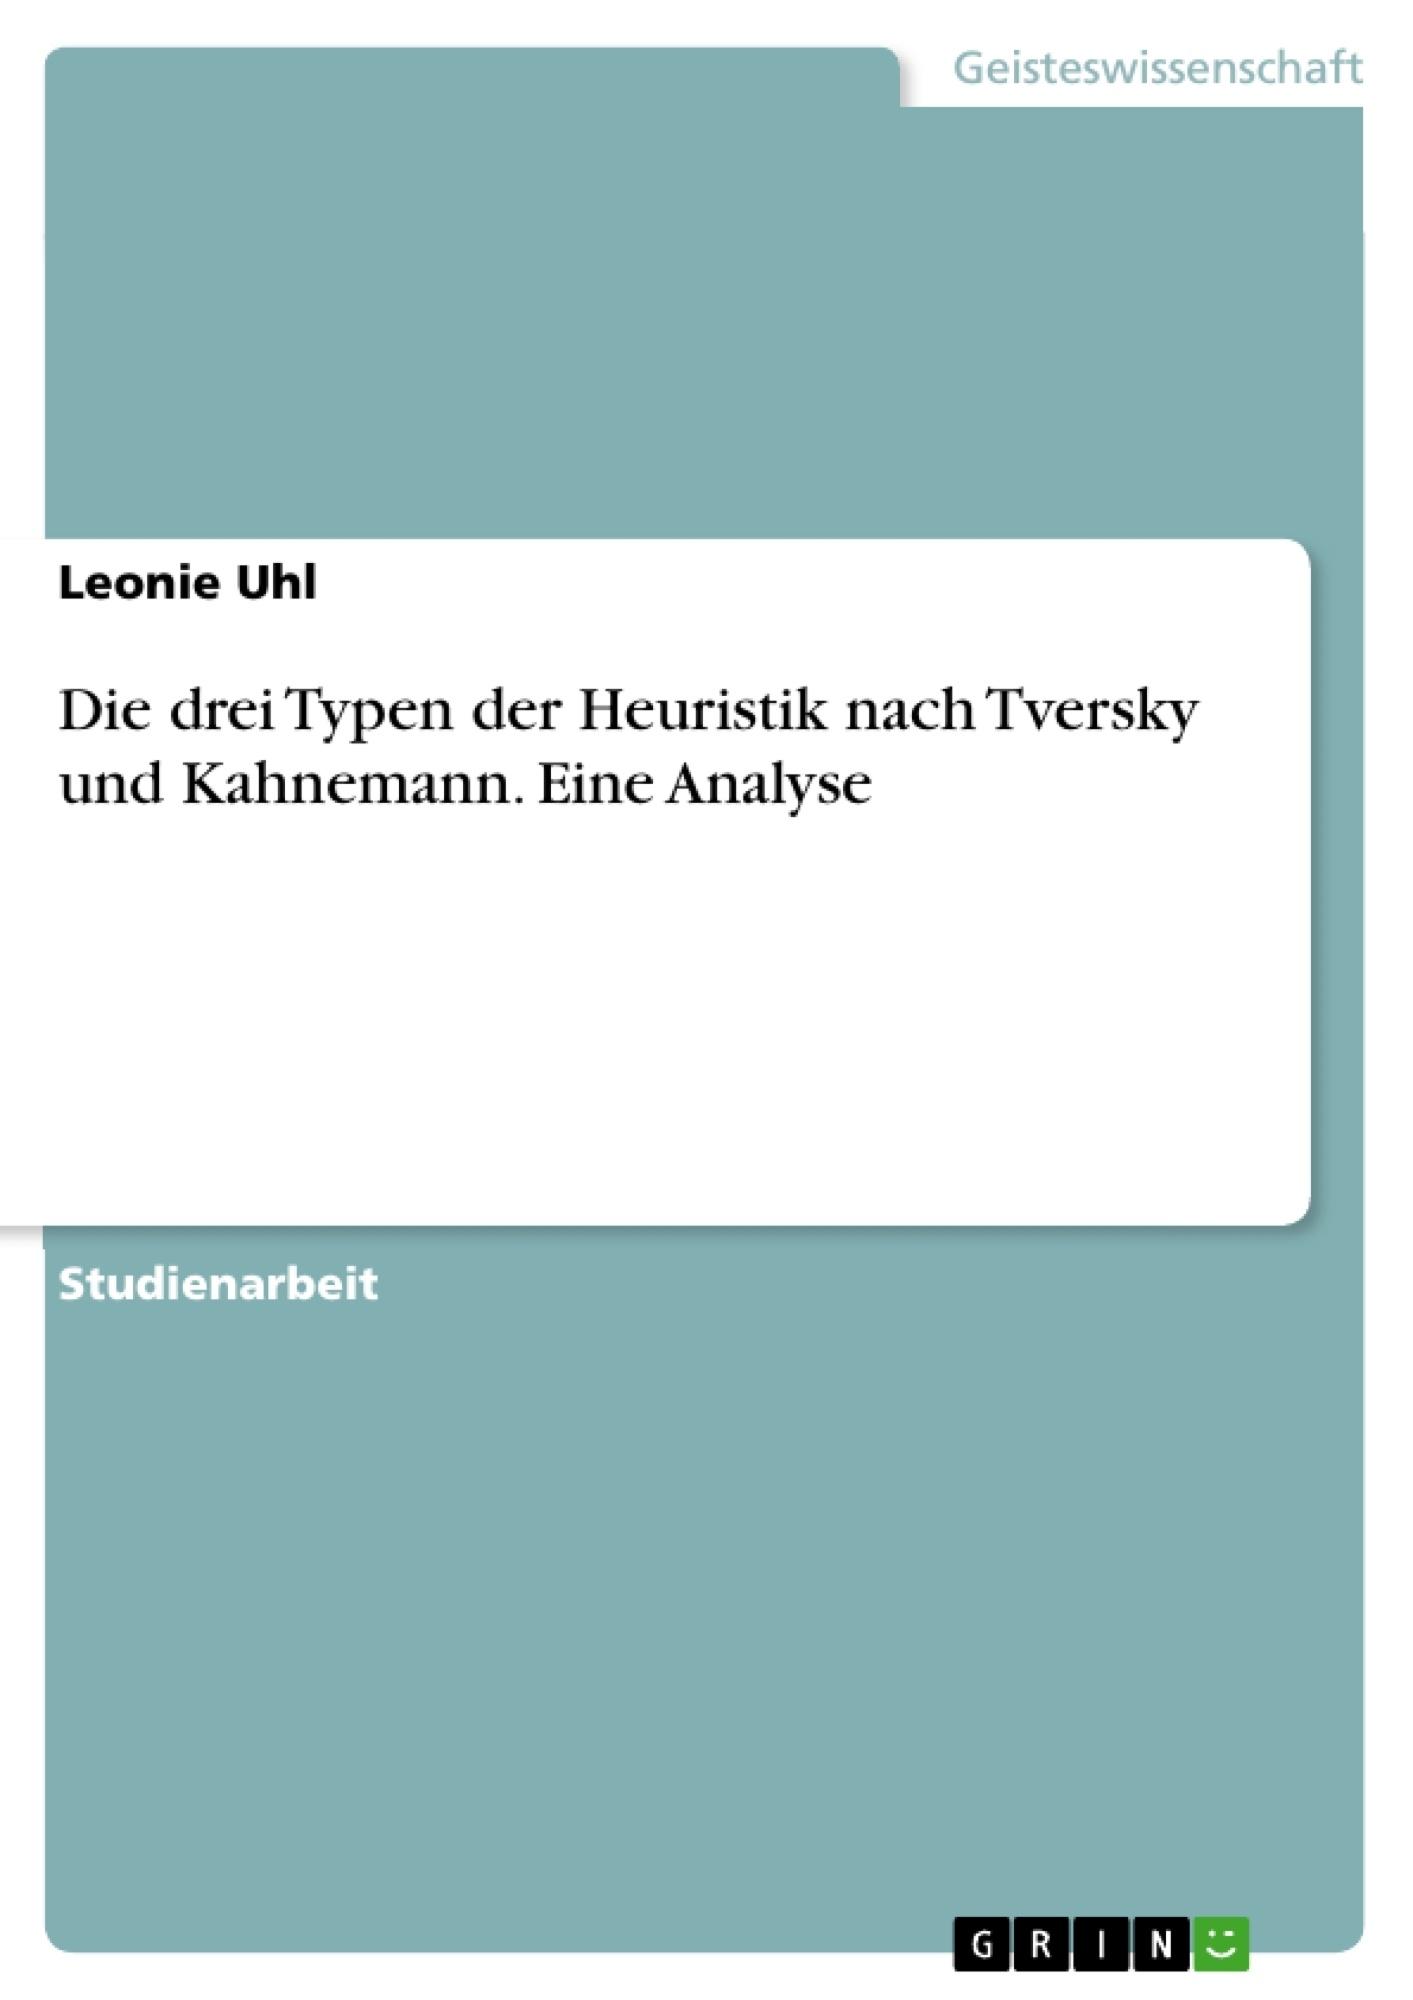 Titel: Die drei Typen der Heuristik nach Tversky und Kahnemann. Eine Analyse